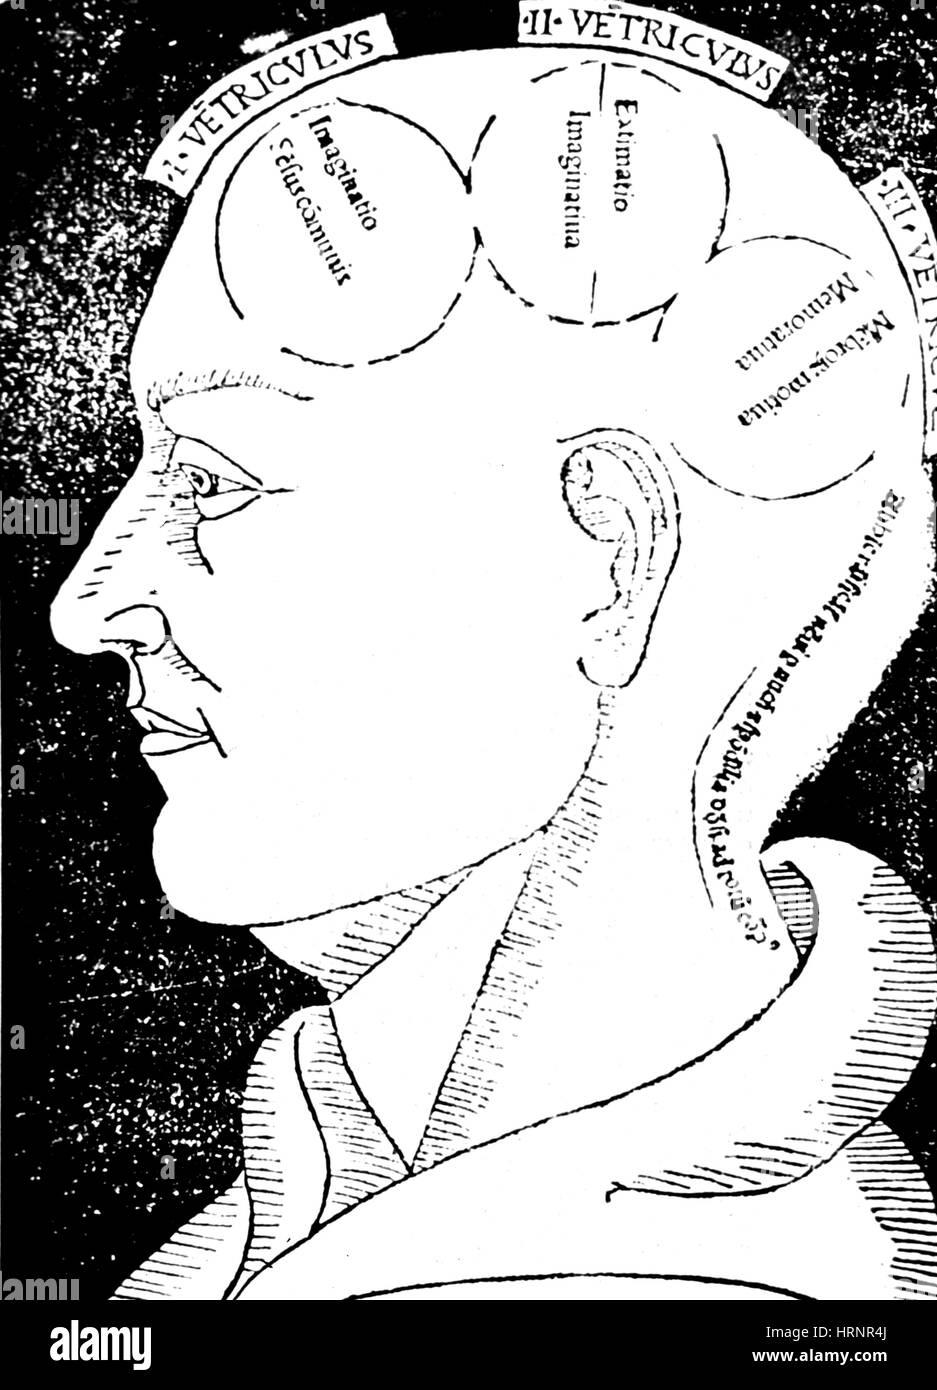 Brain Functions, Albertus Magnus Woodcut - Stock Image